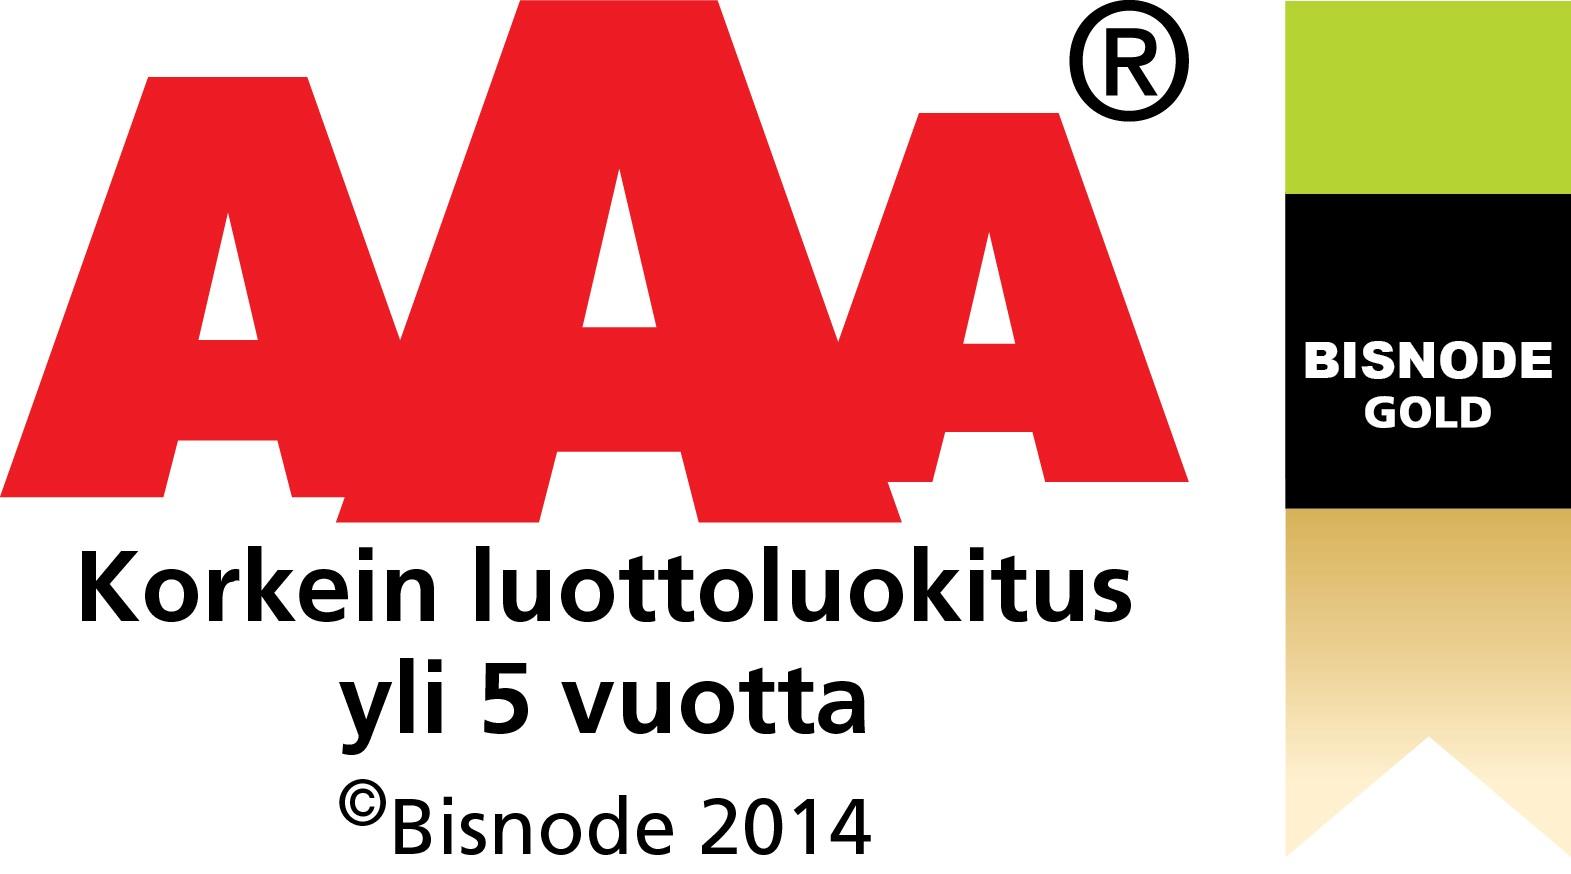 gold-aaa-logo-2014-fi